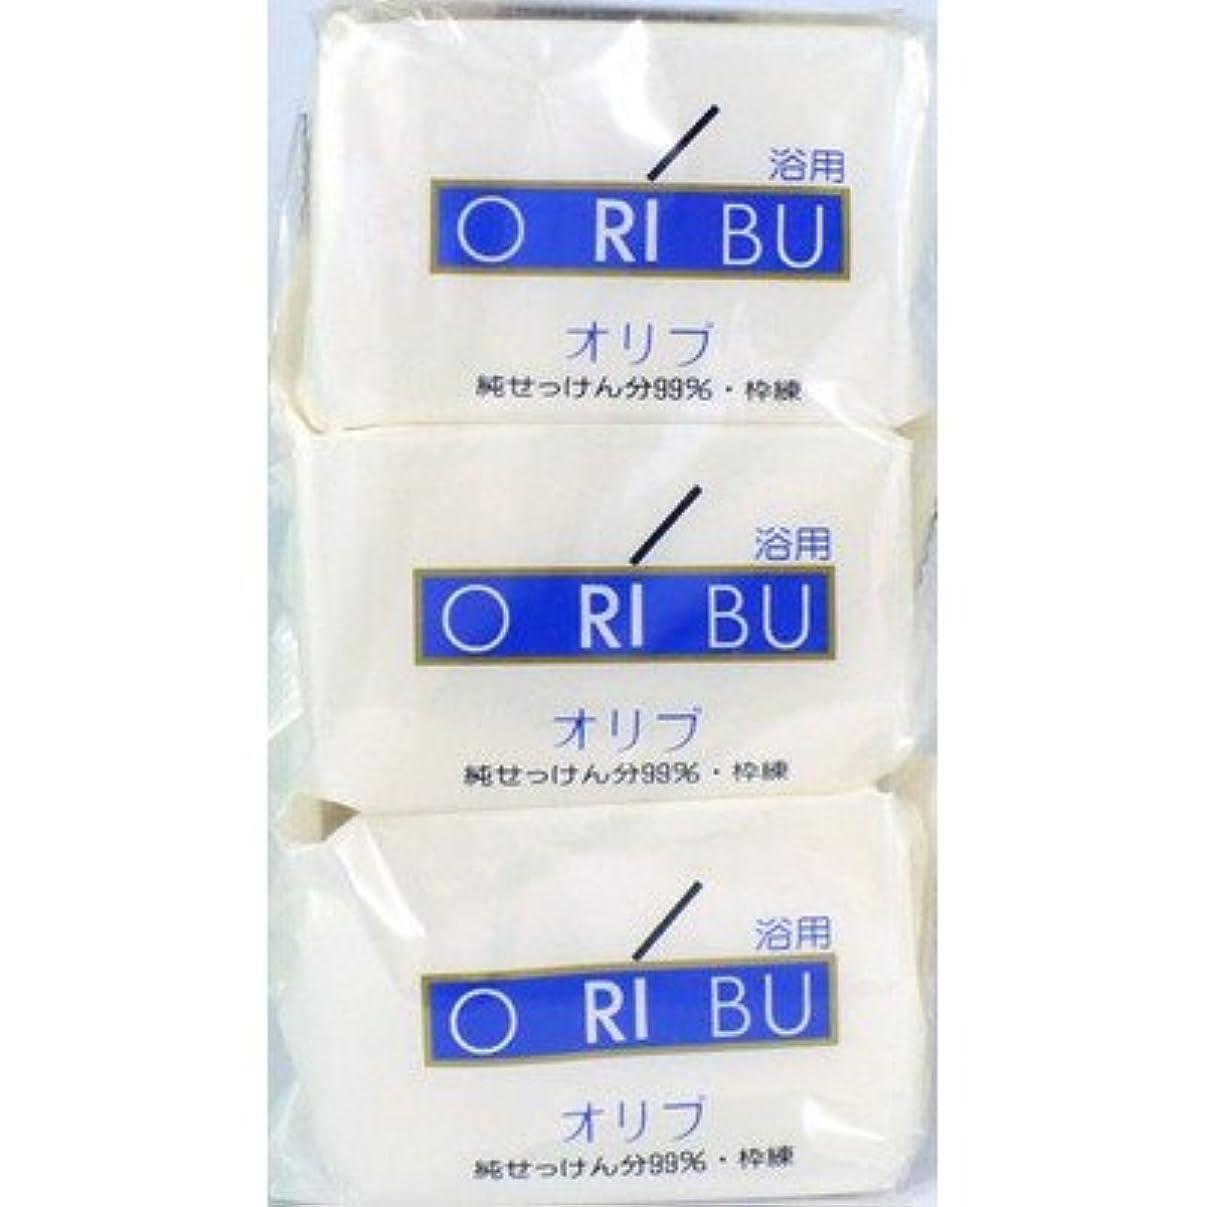 貼り直す桃緩める暁石鹸 ORIBU オリブ 浴用石鹸 110g 3個入り